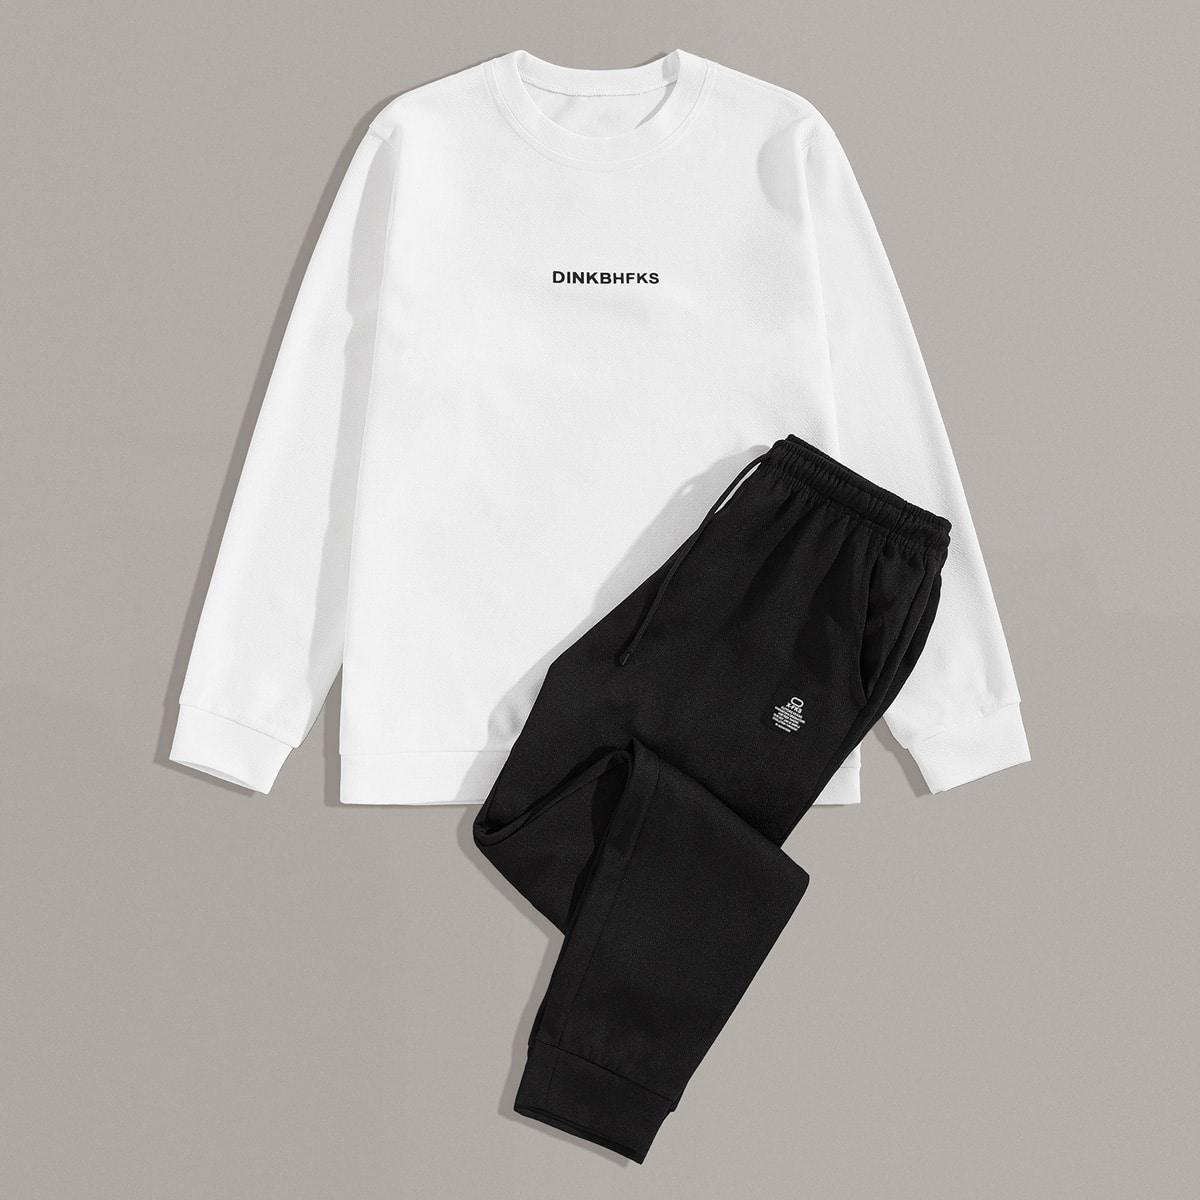 Мужские брюки и свитшот с текстовым принтом от SHEIN